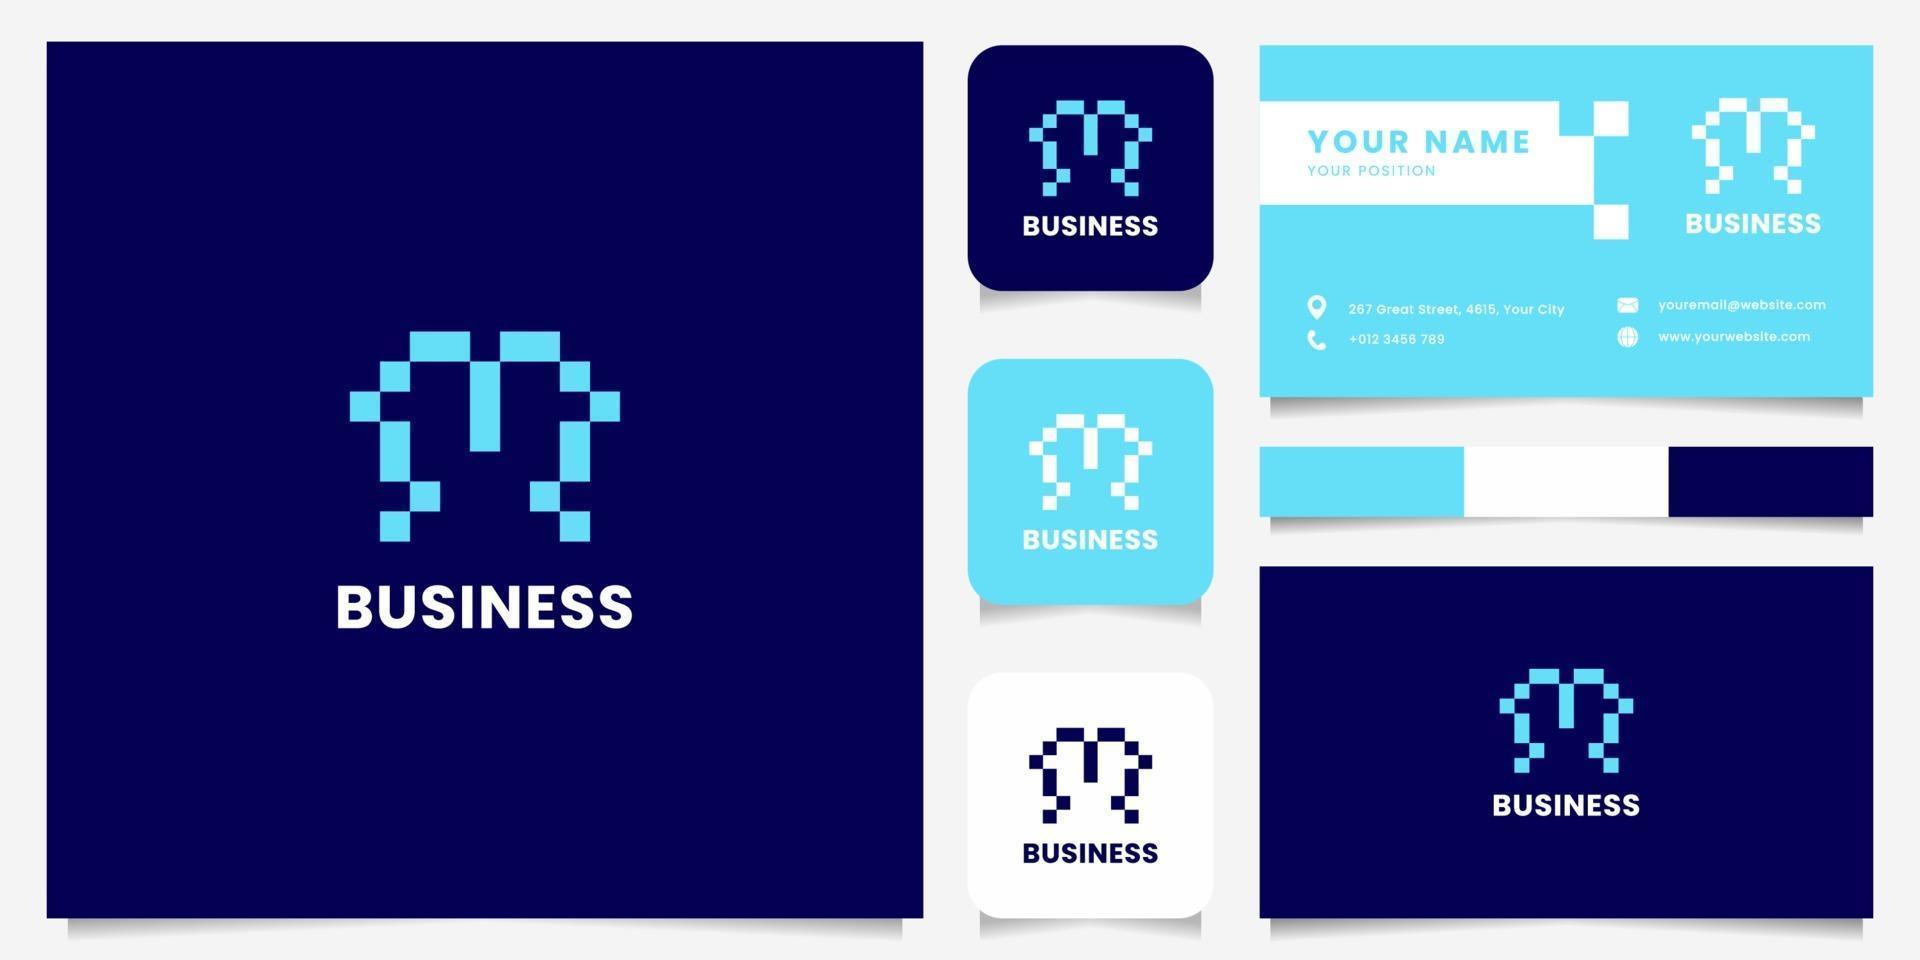 eenvoudig en minimalistisch blauw pixel letter m-logo met sjabloon voor visitekaartjes vector